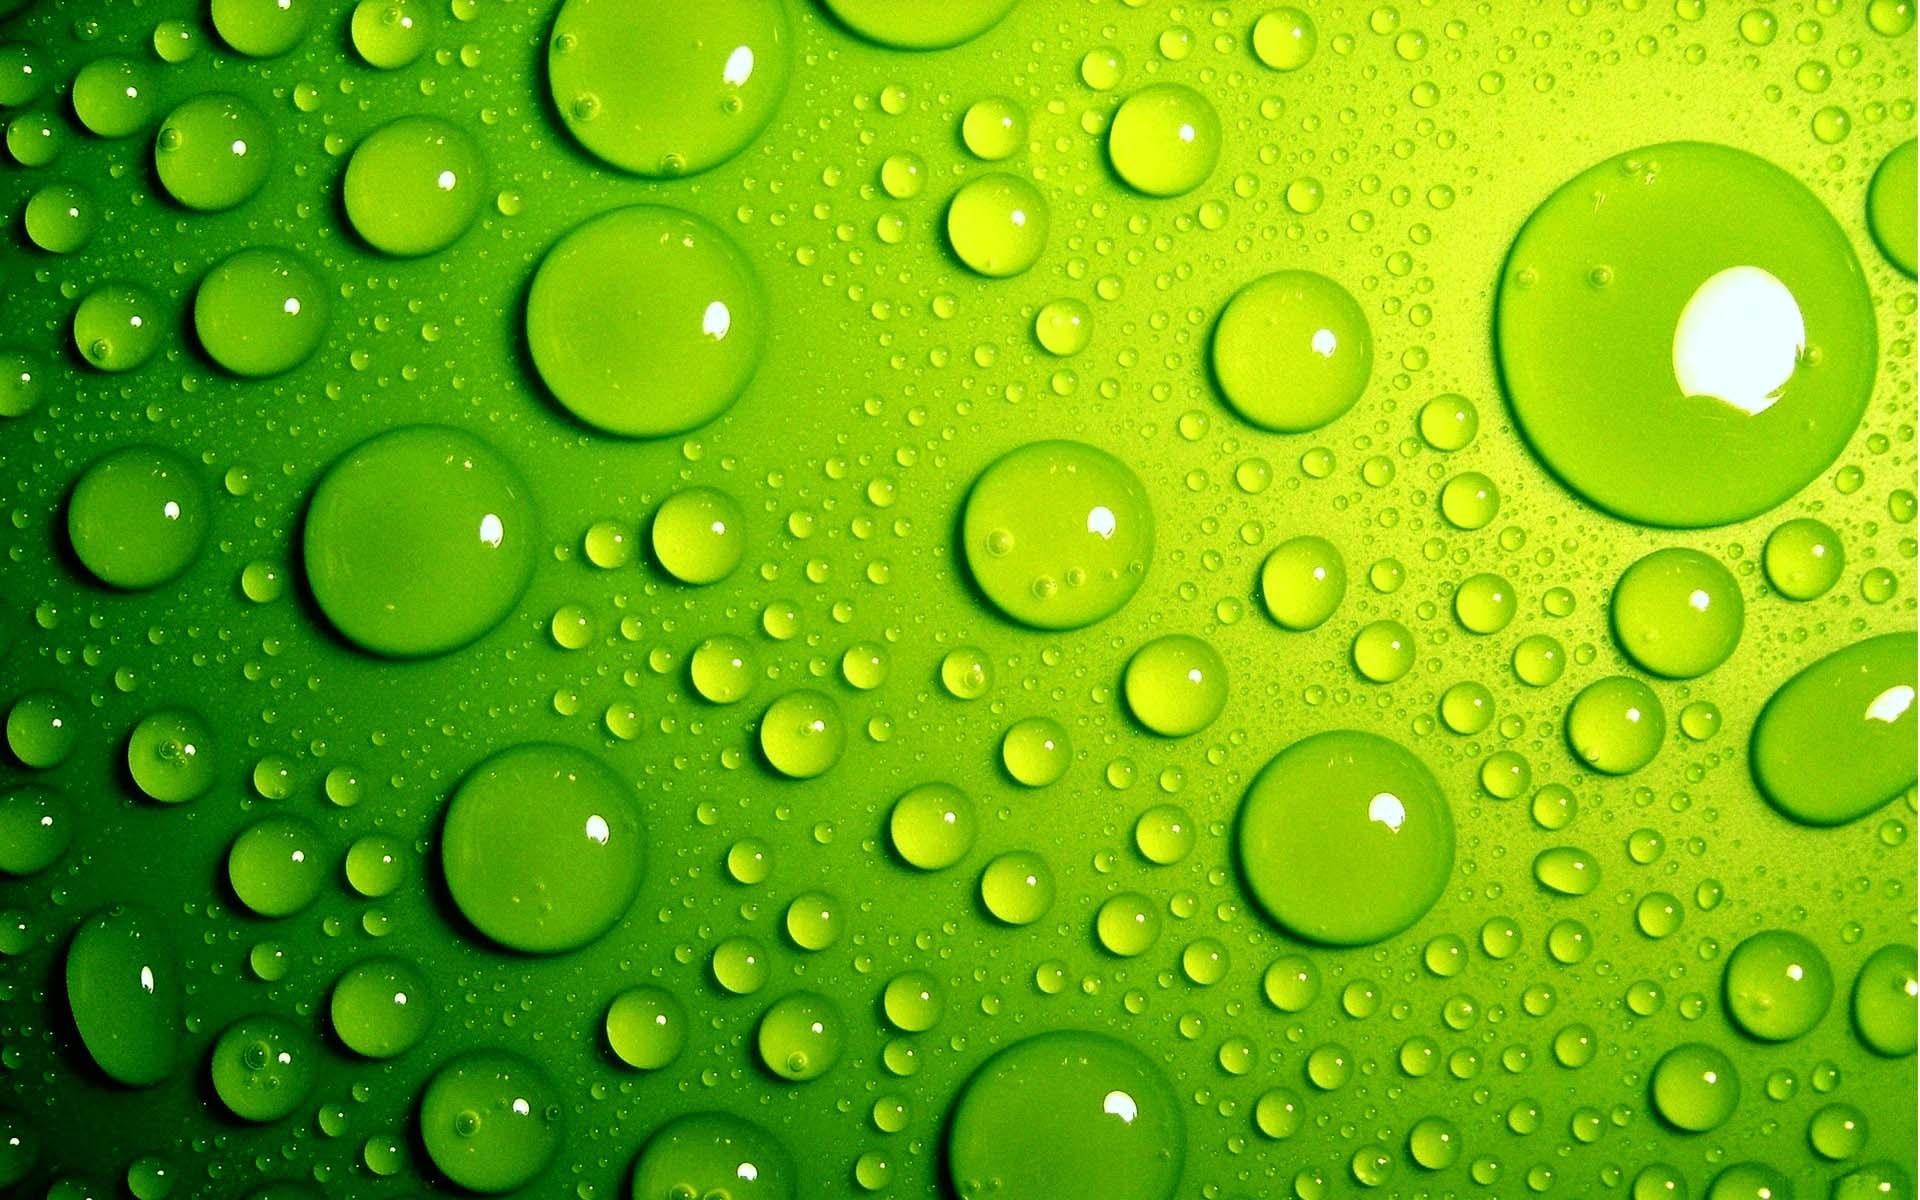 Nền power point màu xanh lá giọt nước